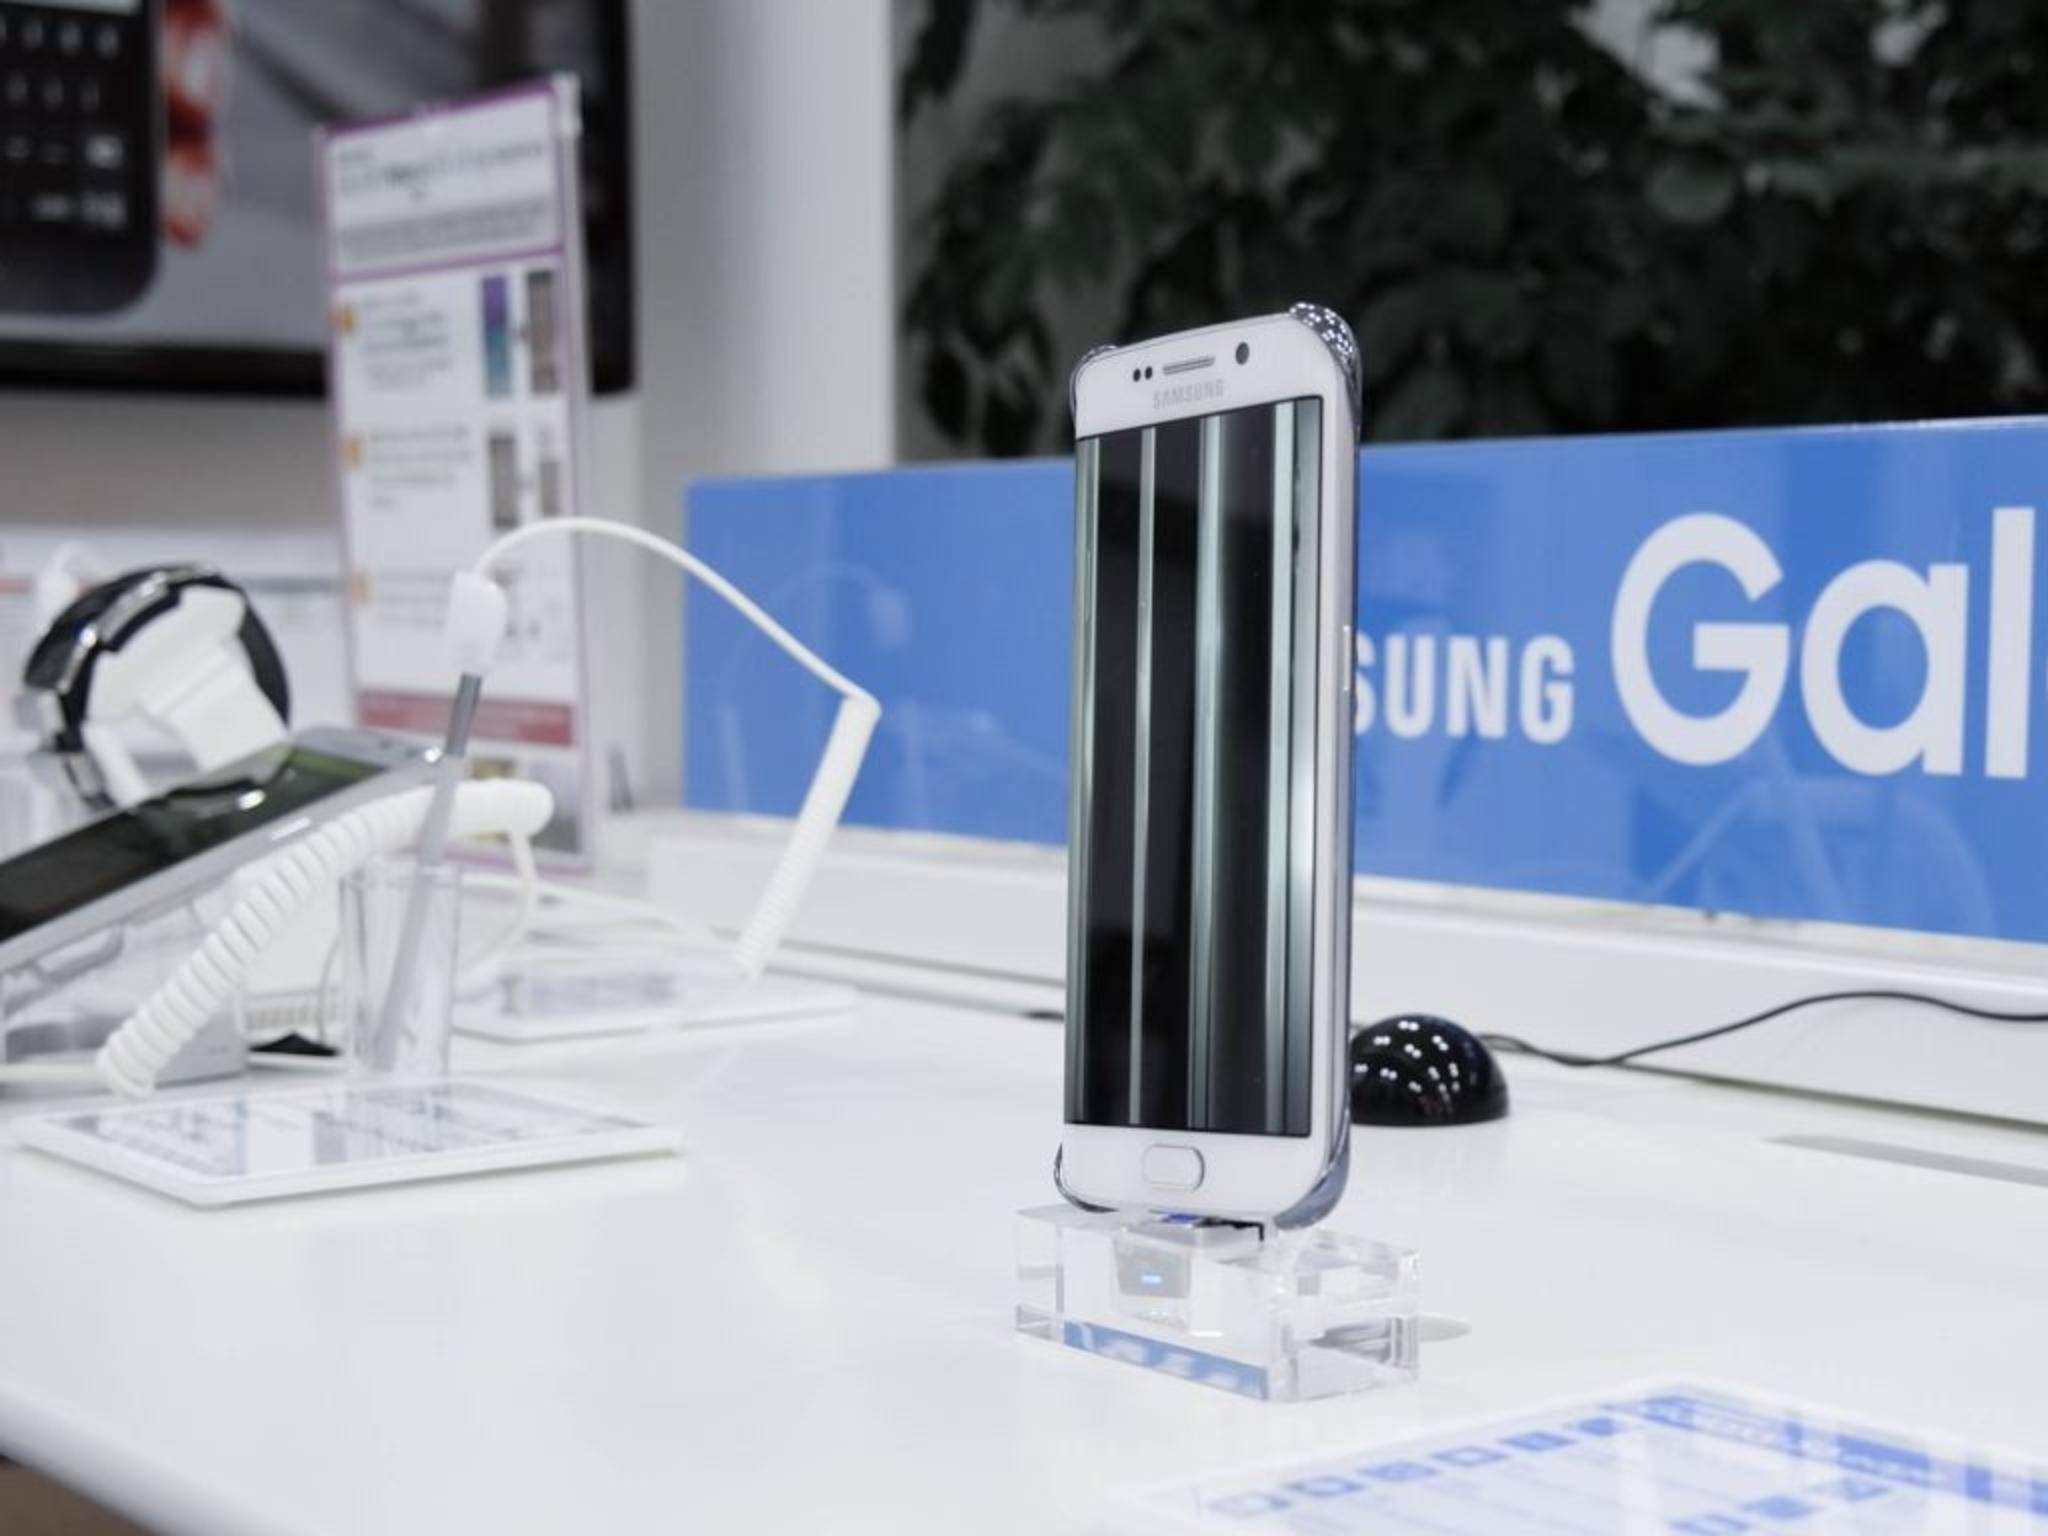 Kostete zum Release ab 699 Euro: das Samsung Galaxy S6.